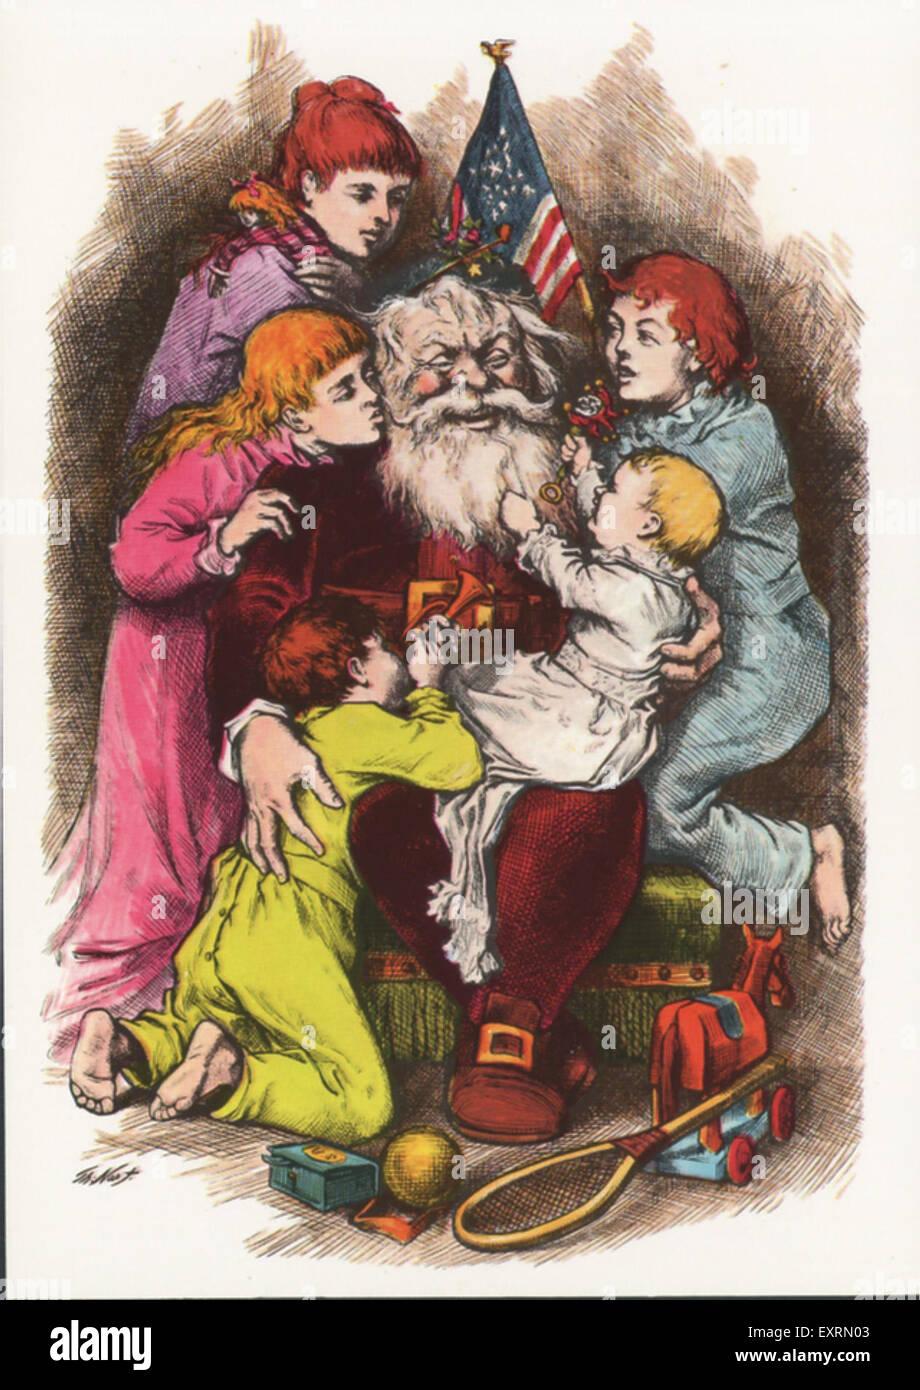 1900s USA Christmas Greetings Card - Stock Image